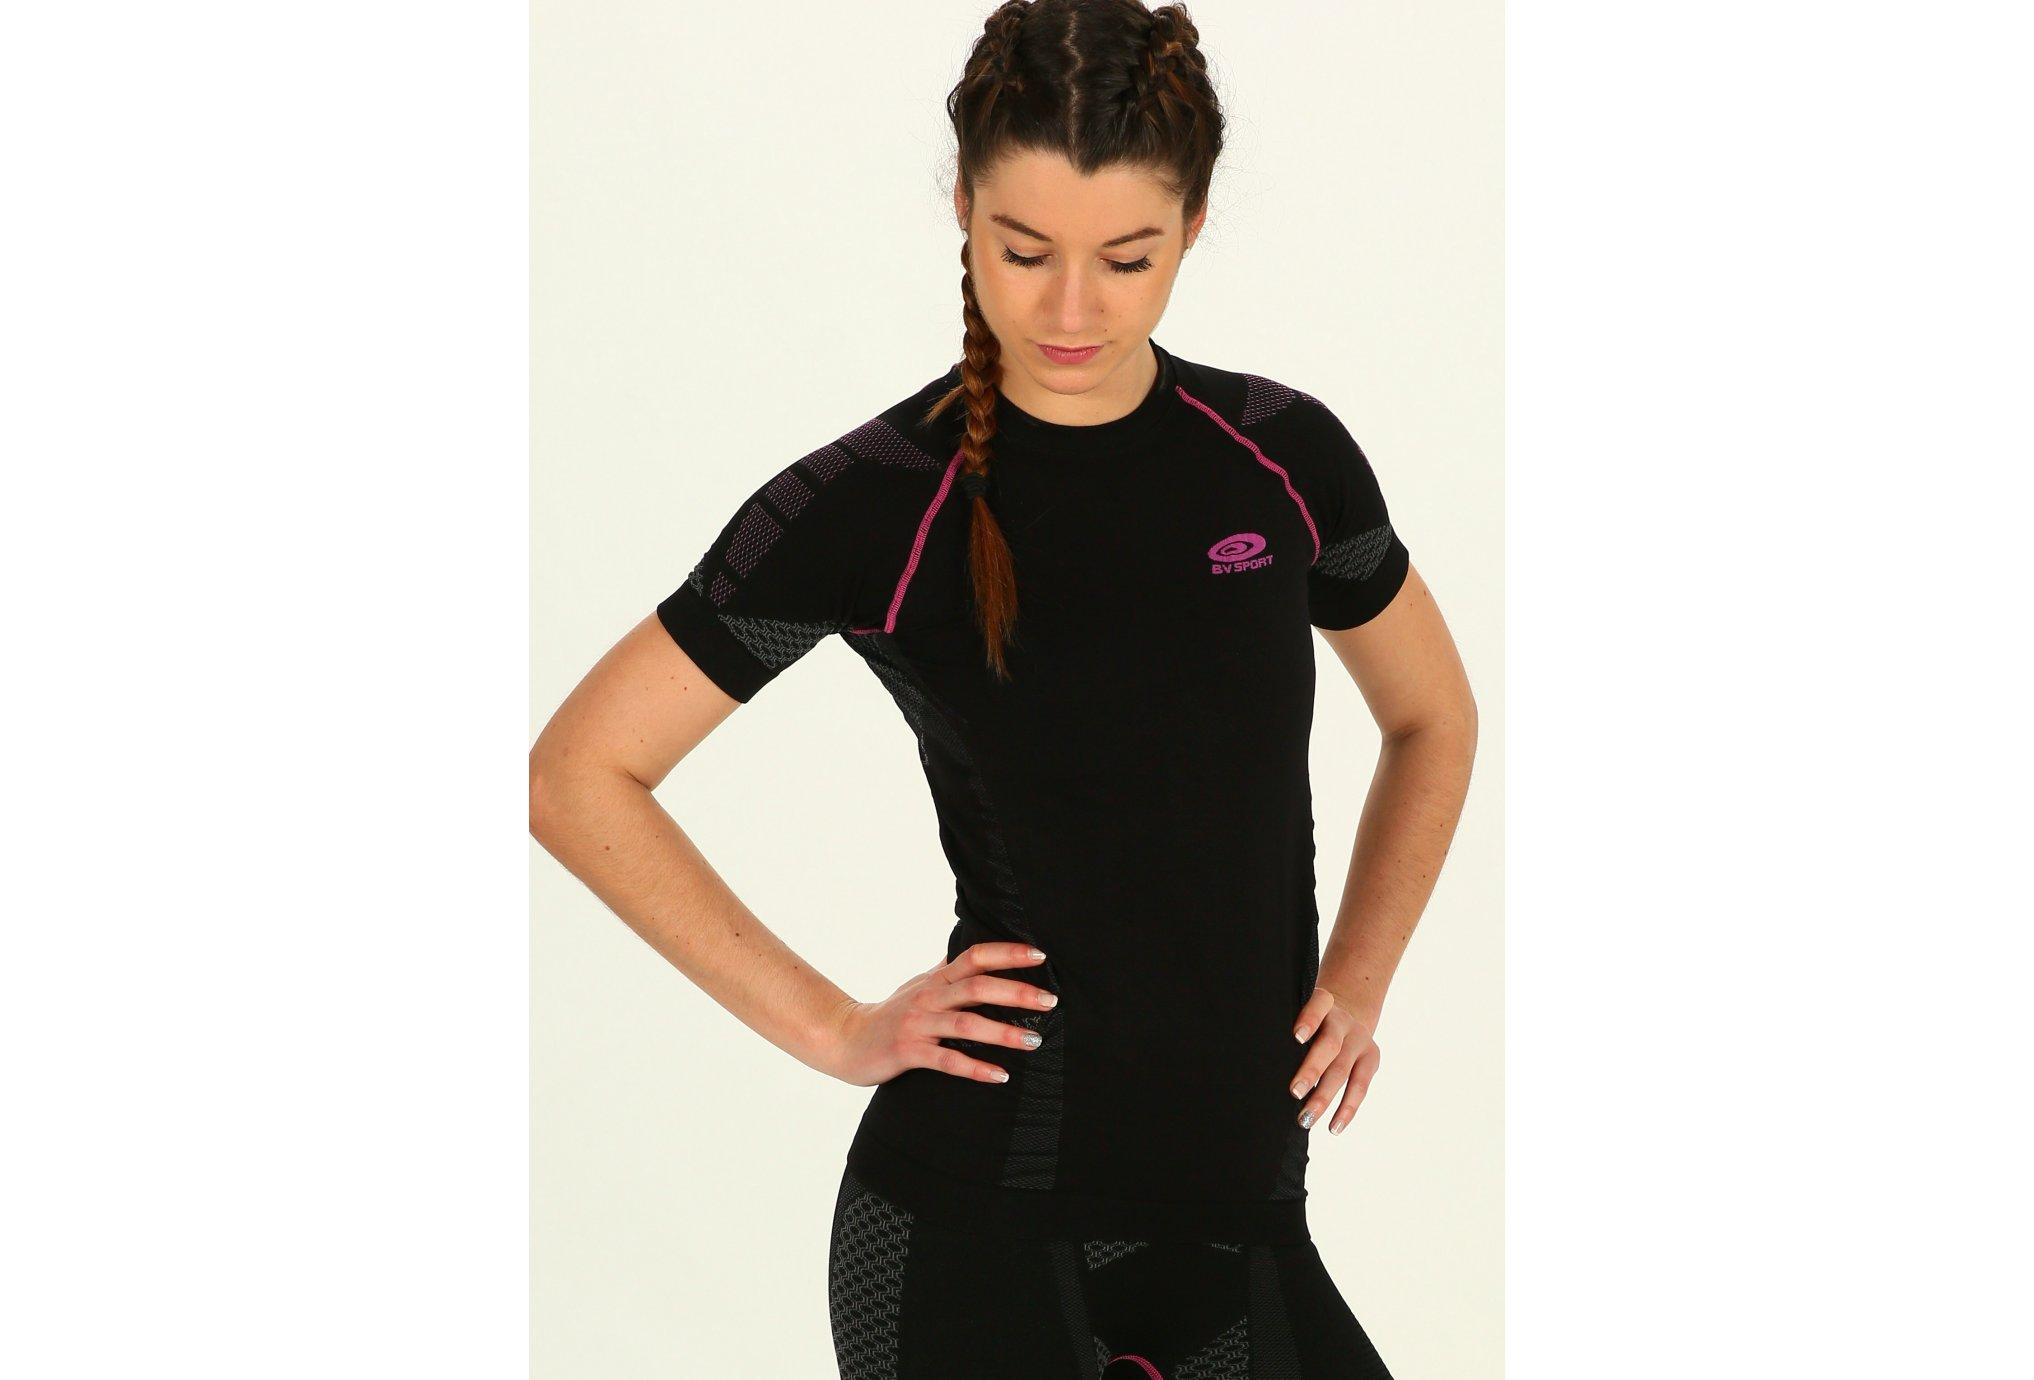 BV Sport Tee-shirt Nature3R W Diététique Vêtements femme